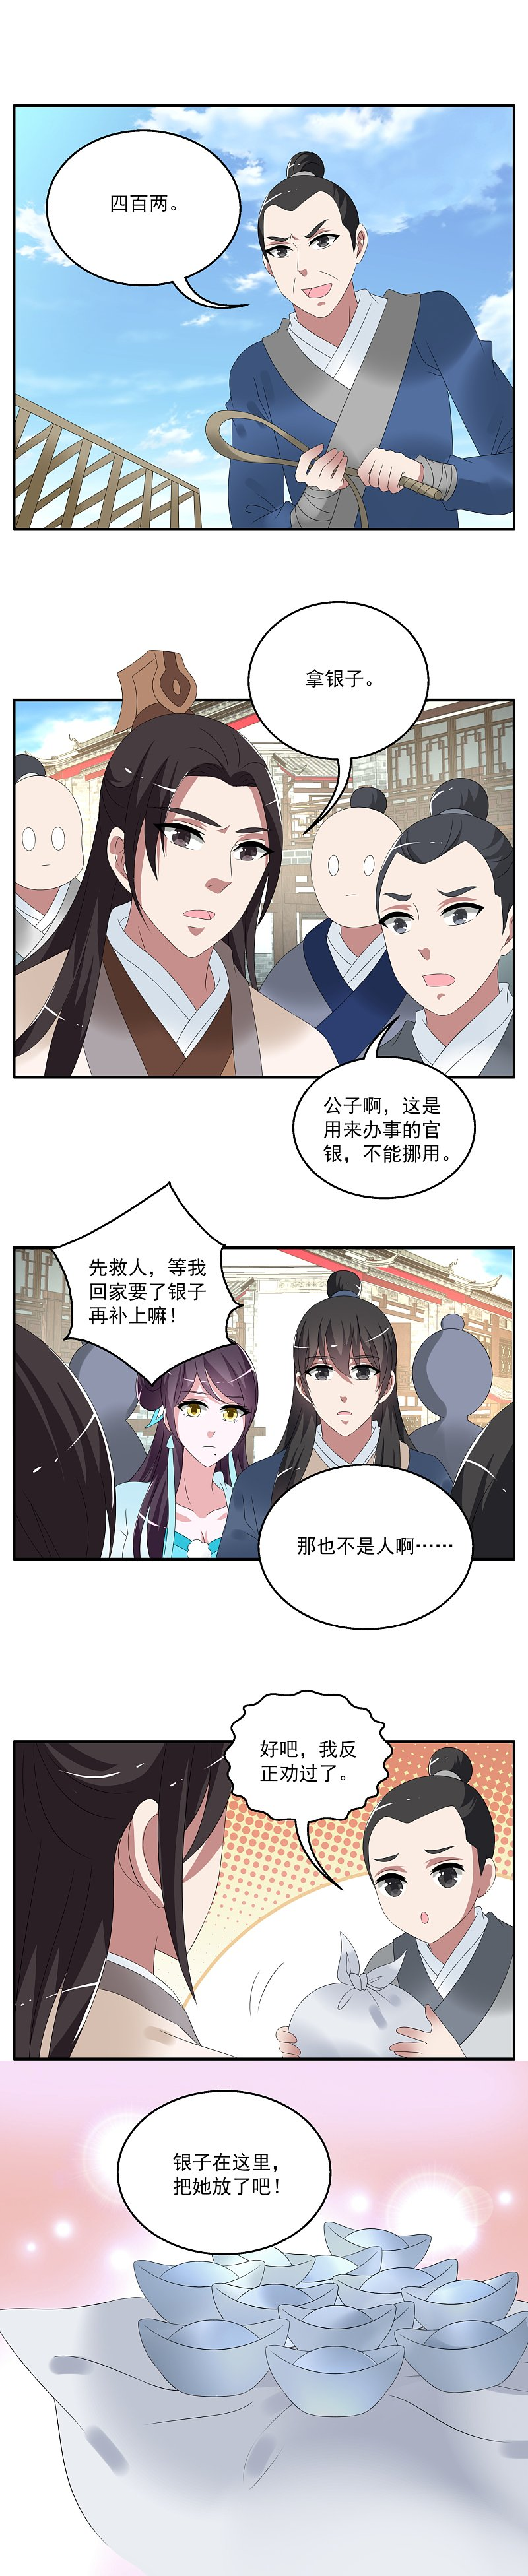 洛小妖151 (7).JPG